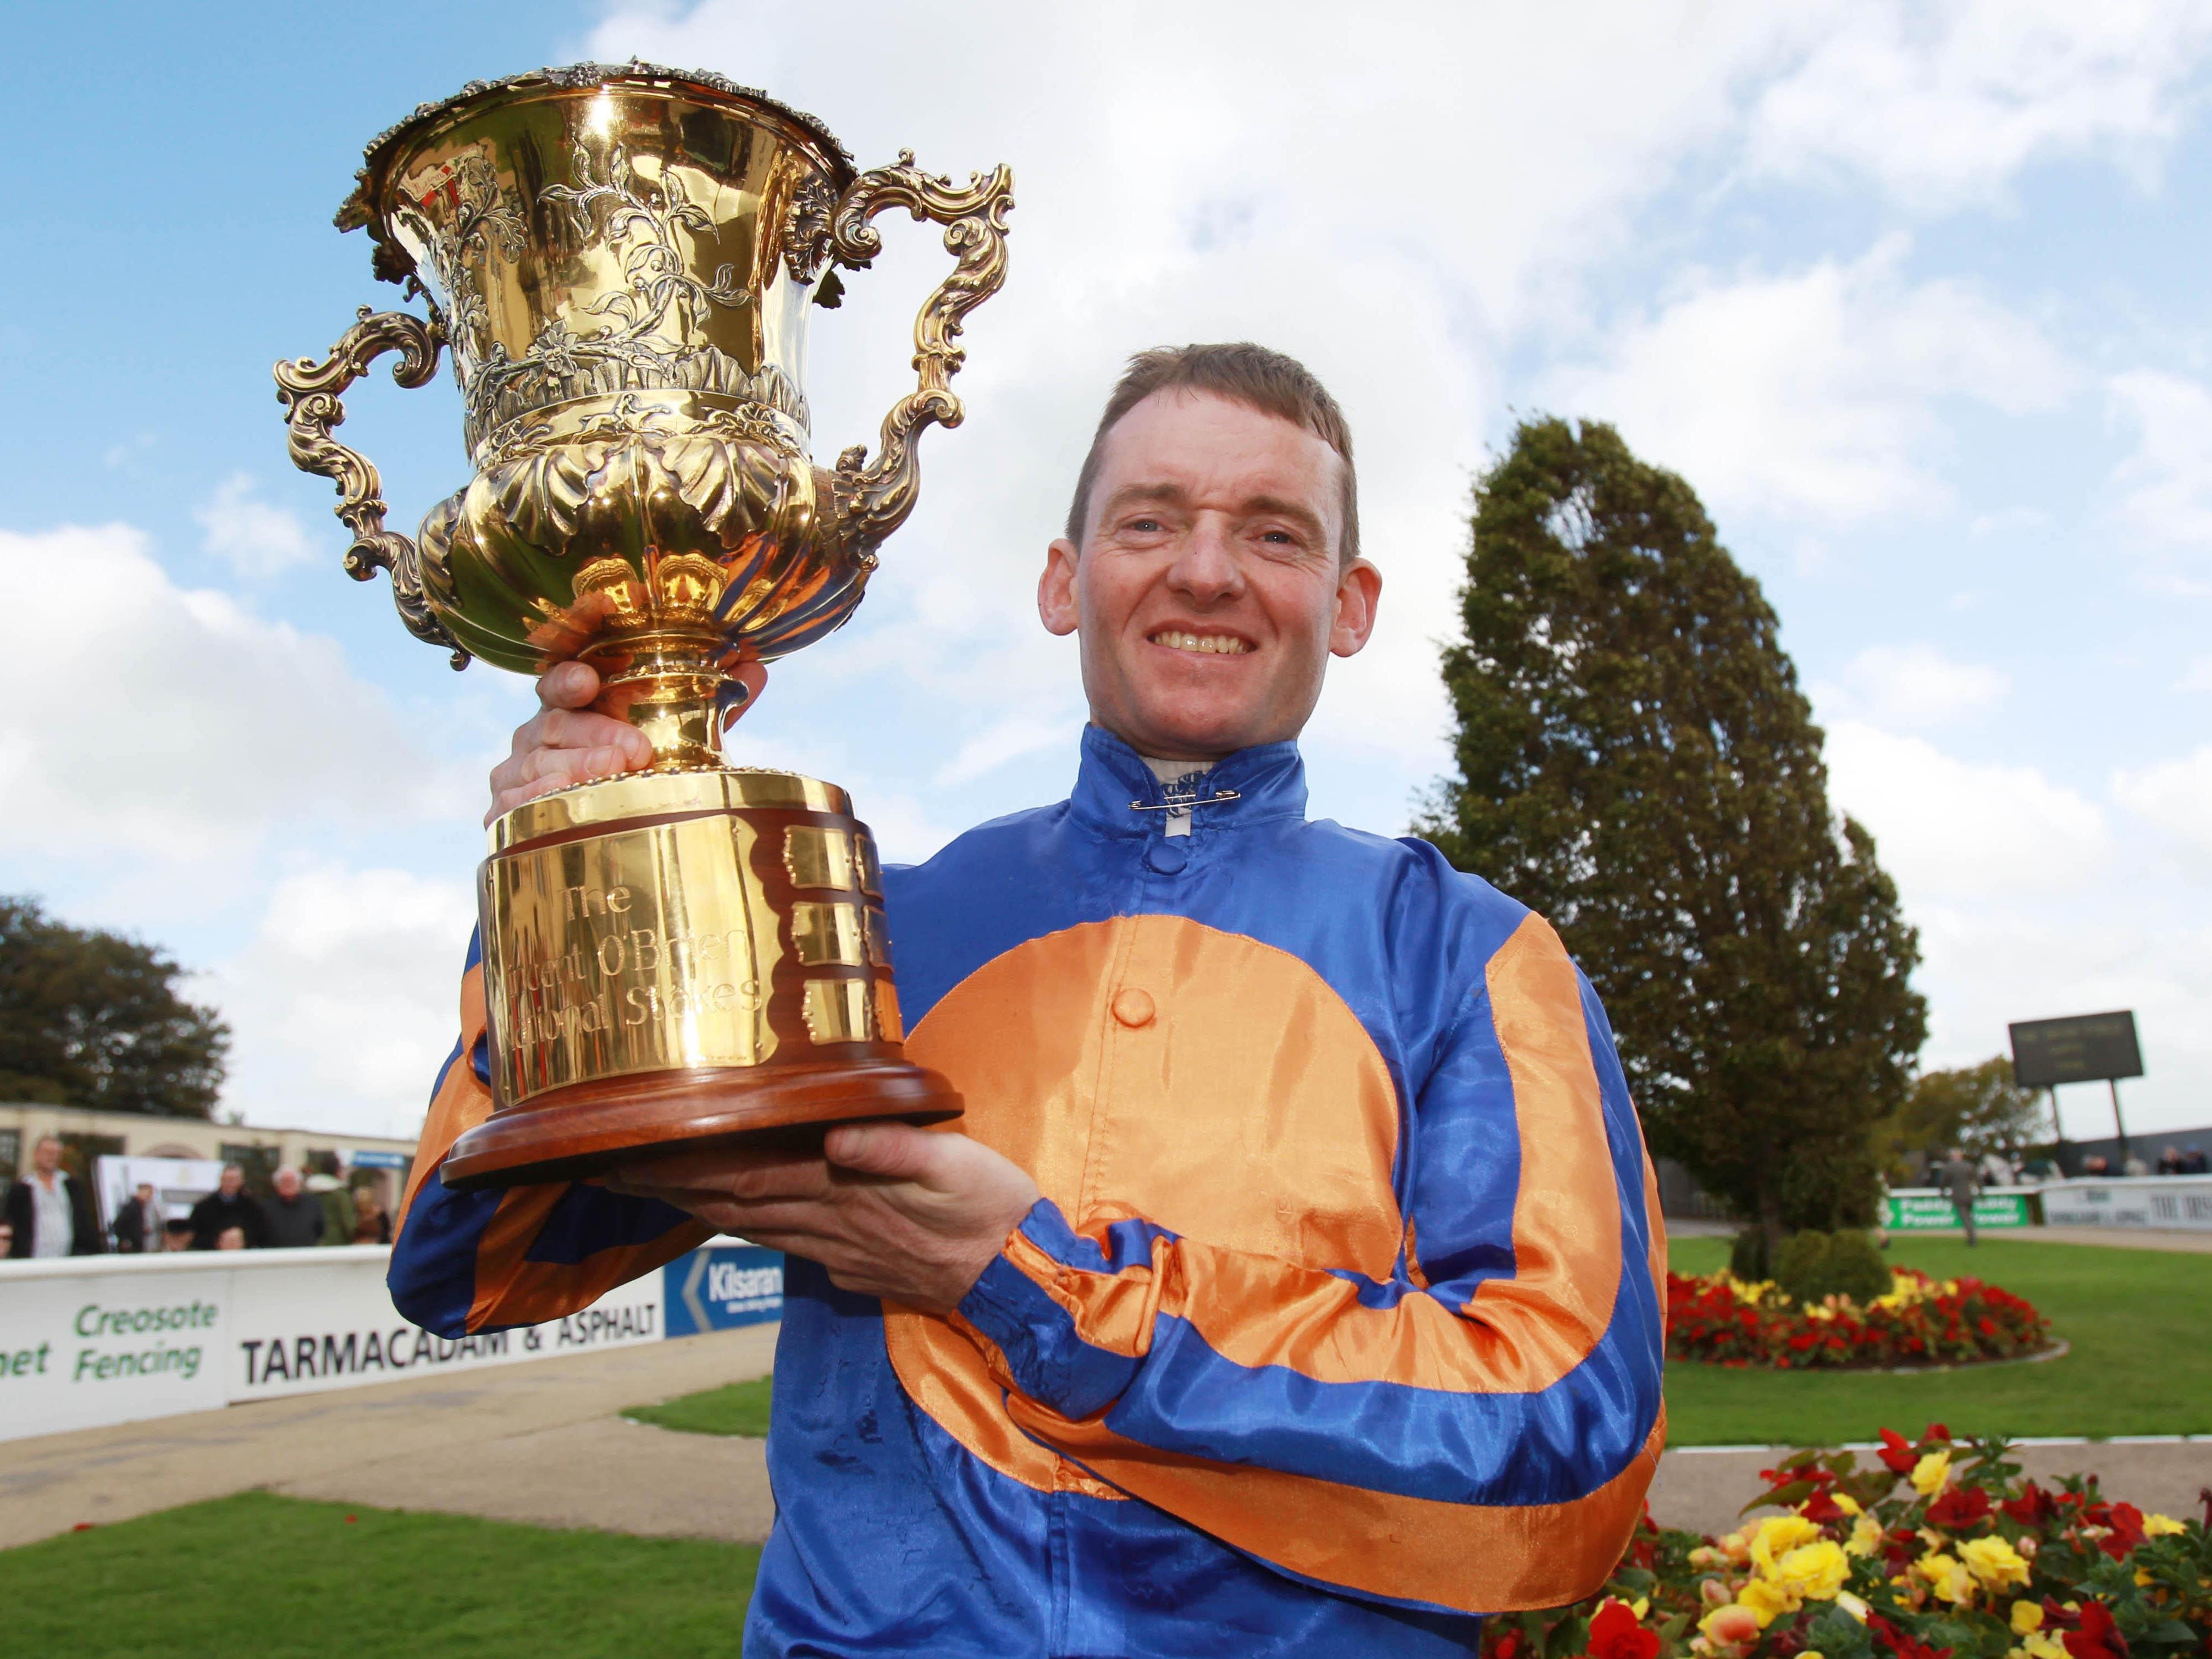 Seamus Heffernan rode Etoile to victory (Niall Carson/PA)